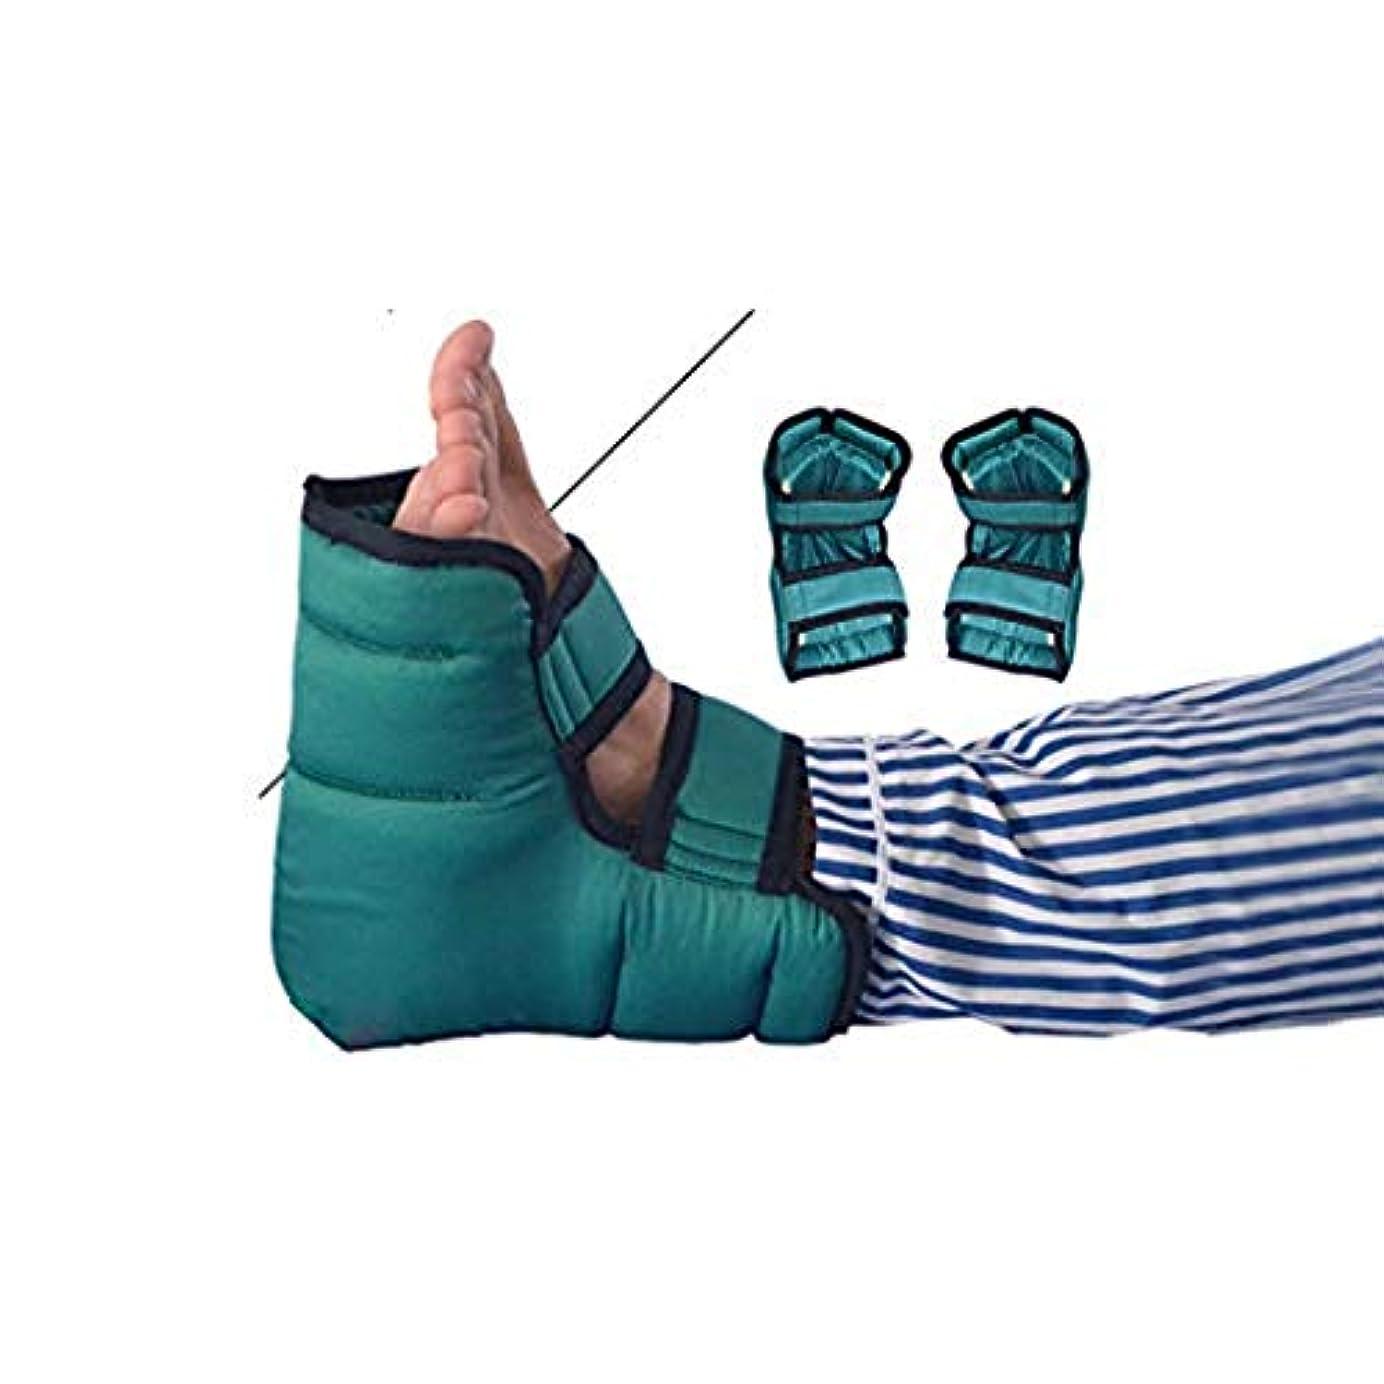 かかと潰瘍からの圧力を和らげるヒールクッションプロテクター枕、大人サイズのヒールクッションプロテクター-足と足首のピローガードのペア